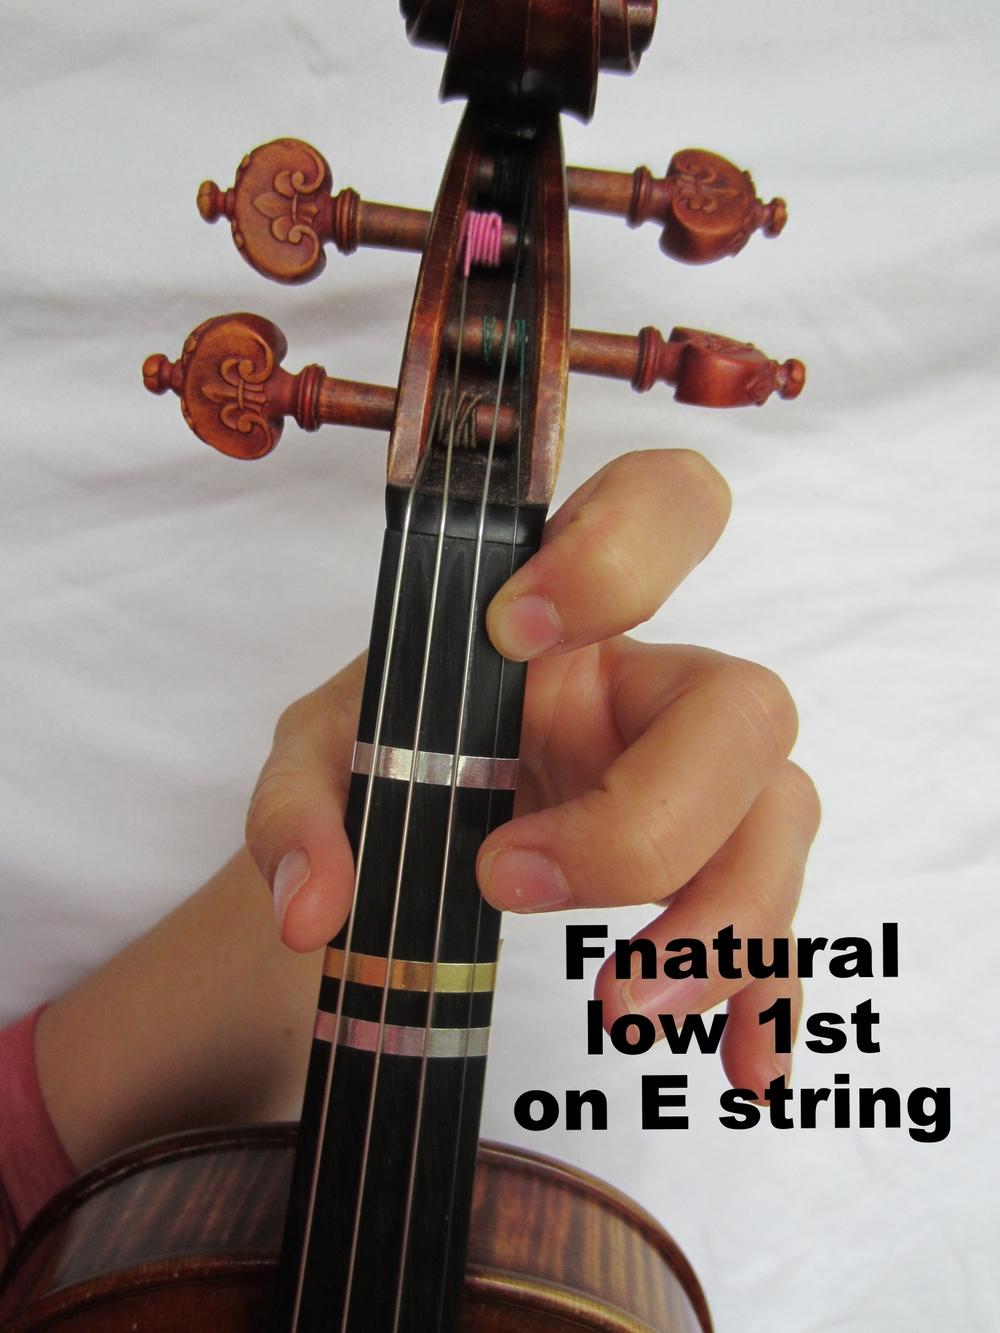 Violin Fingering Fnatural on E.JPG